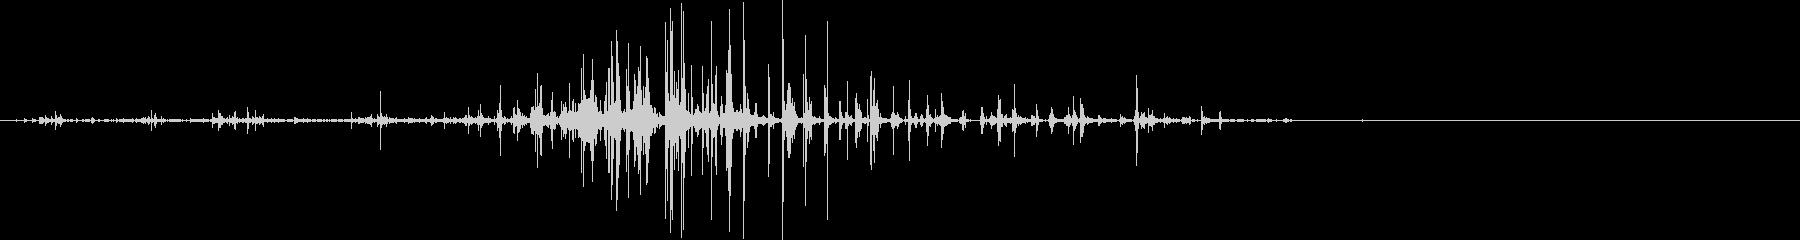 馬-ギャロップ2の未再生の波形